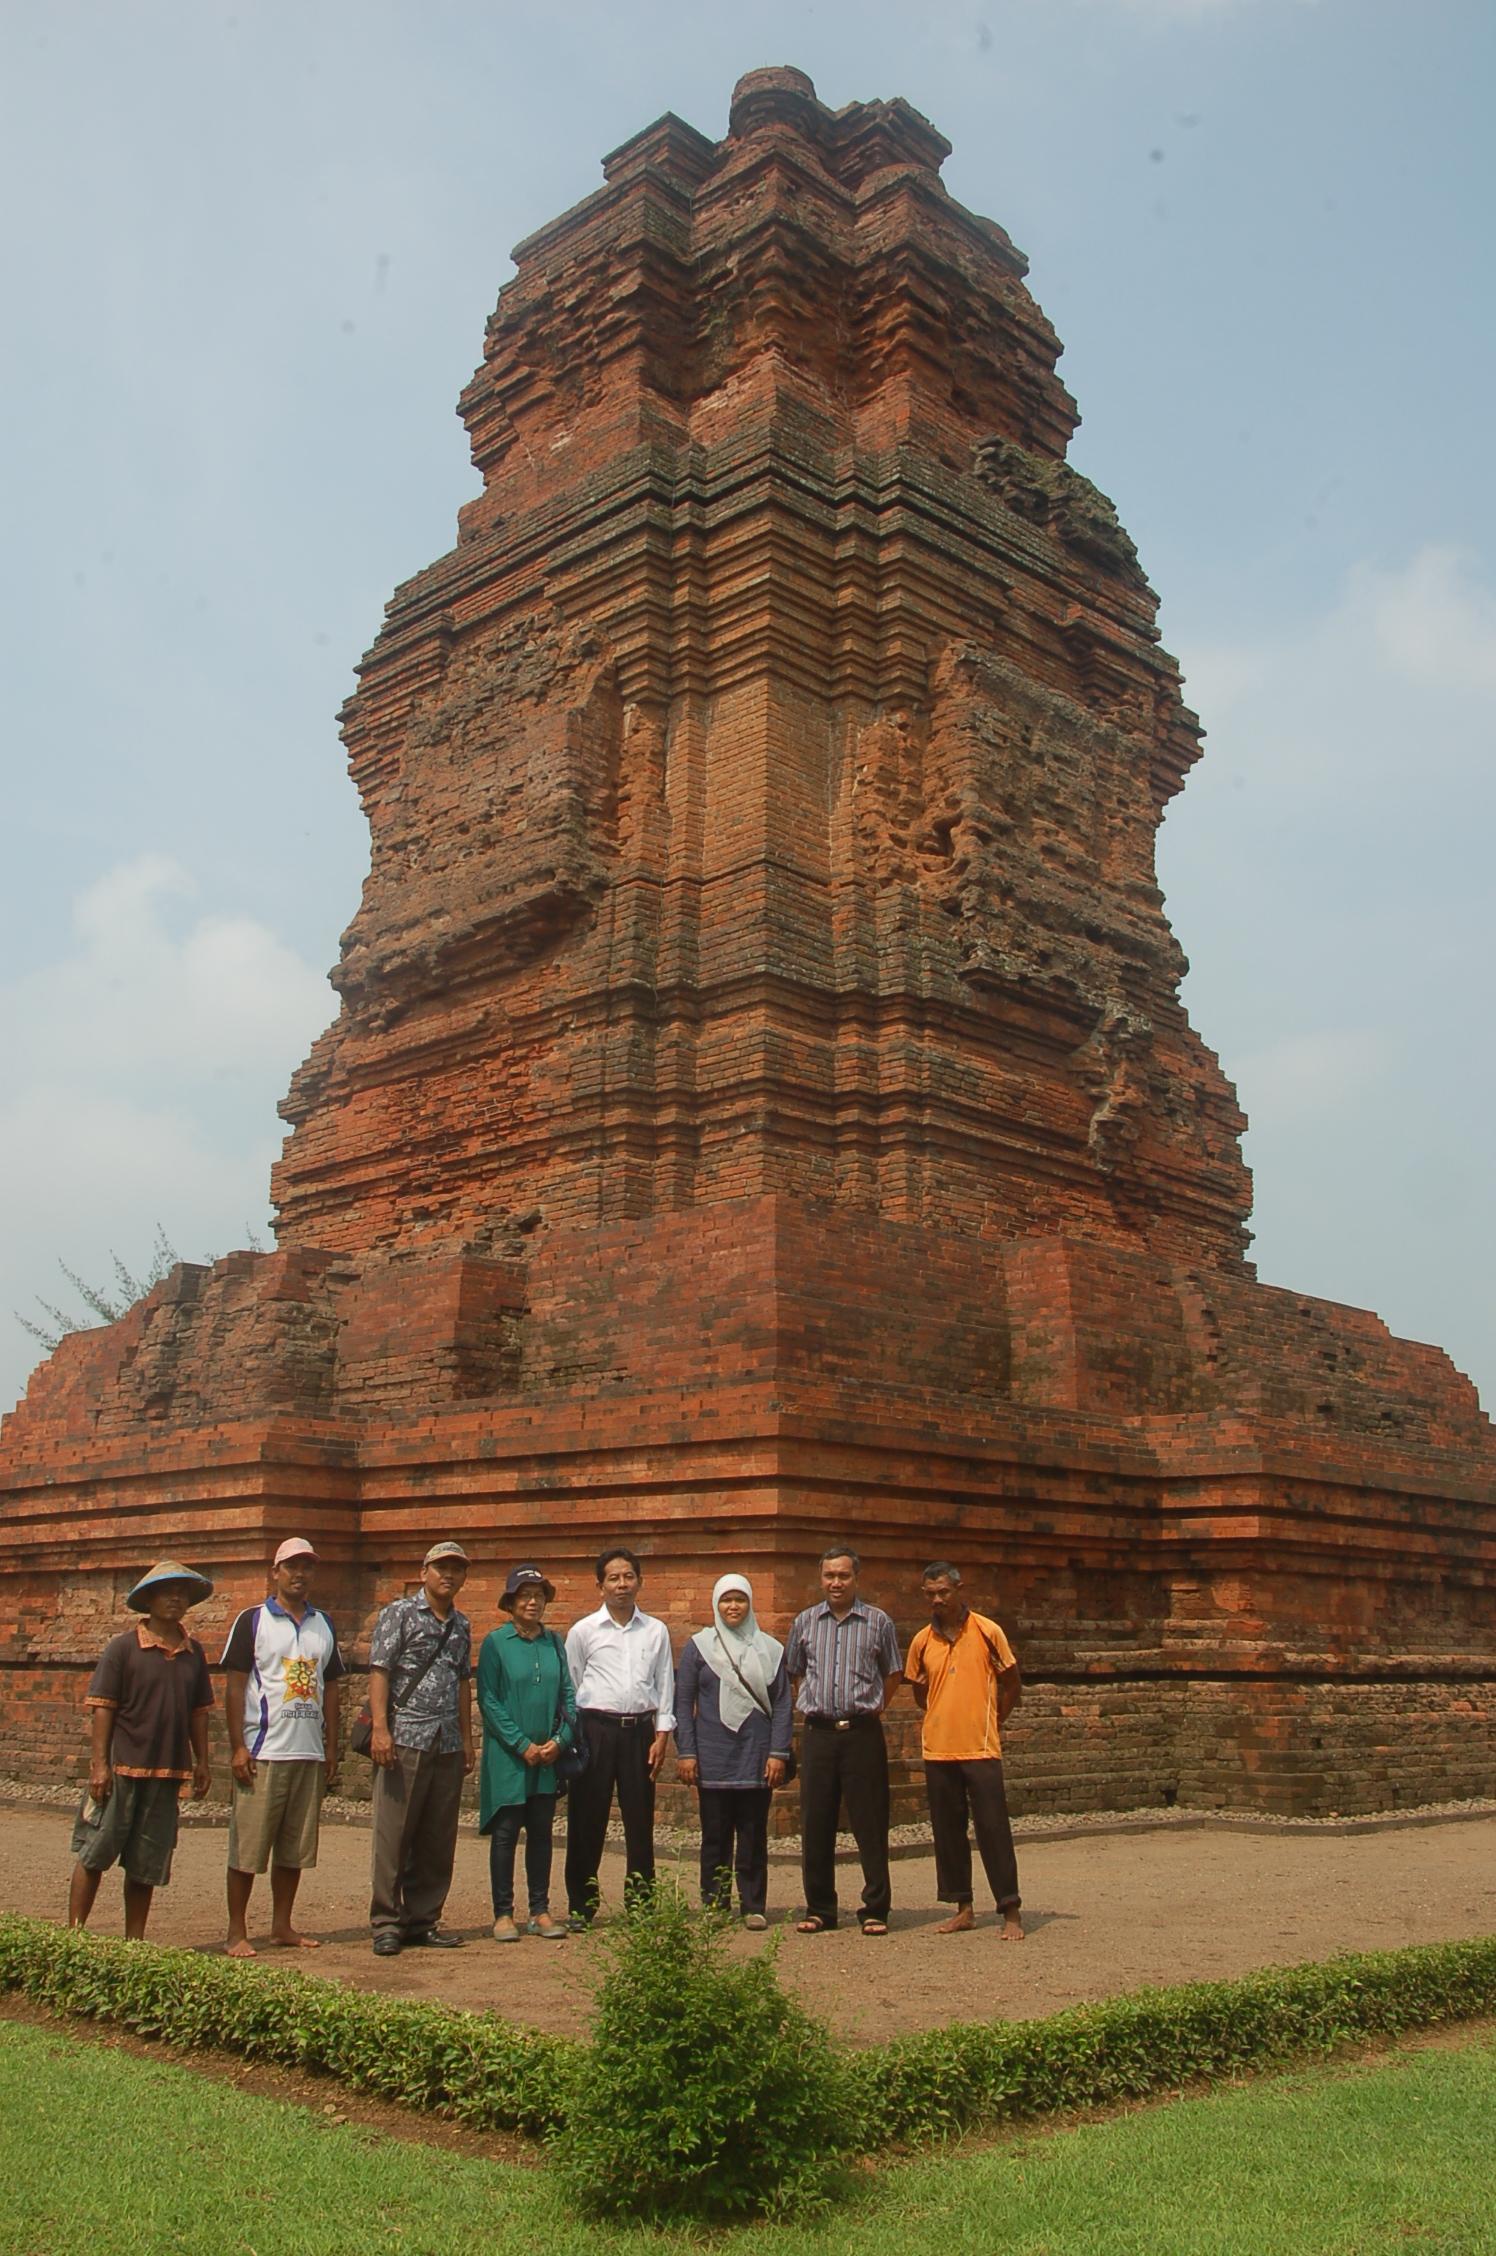 Kunjungan Kerja Bpcb Yogyakarta Mojokerto Wilayah Trowulan Gambar Balai Pelestarian